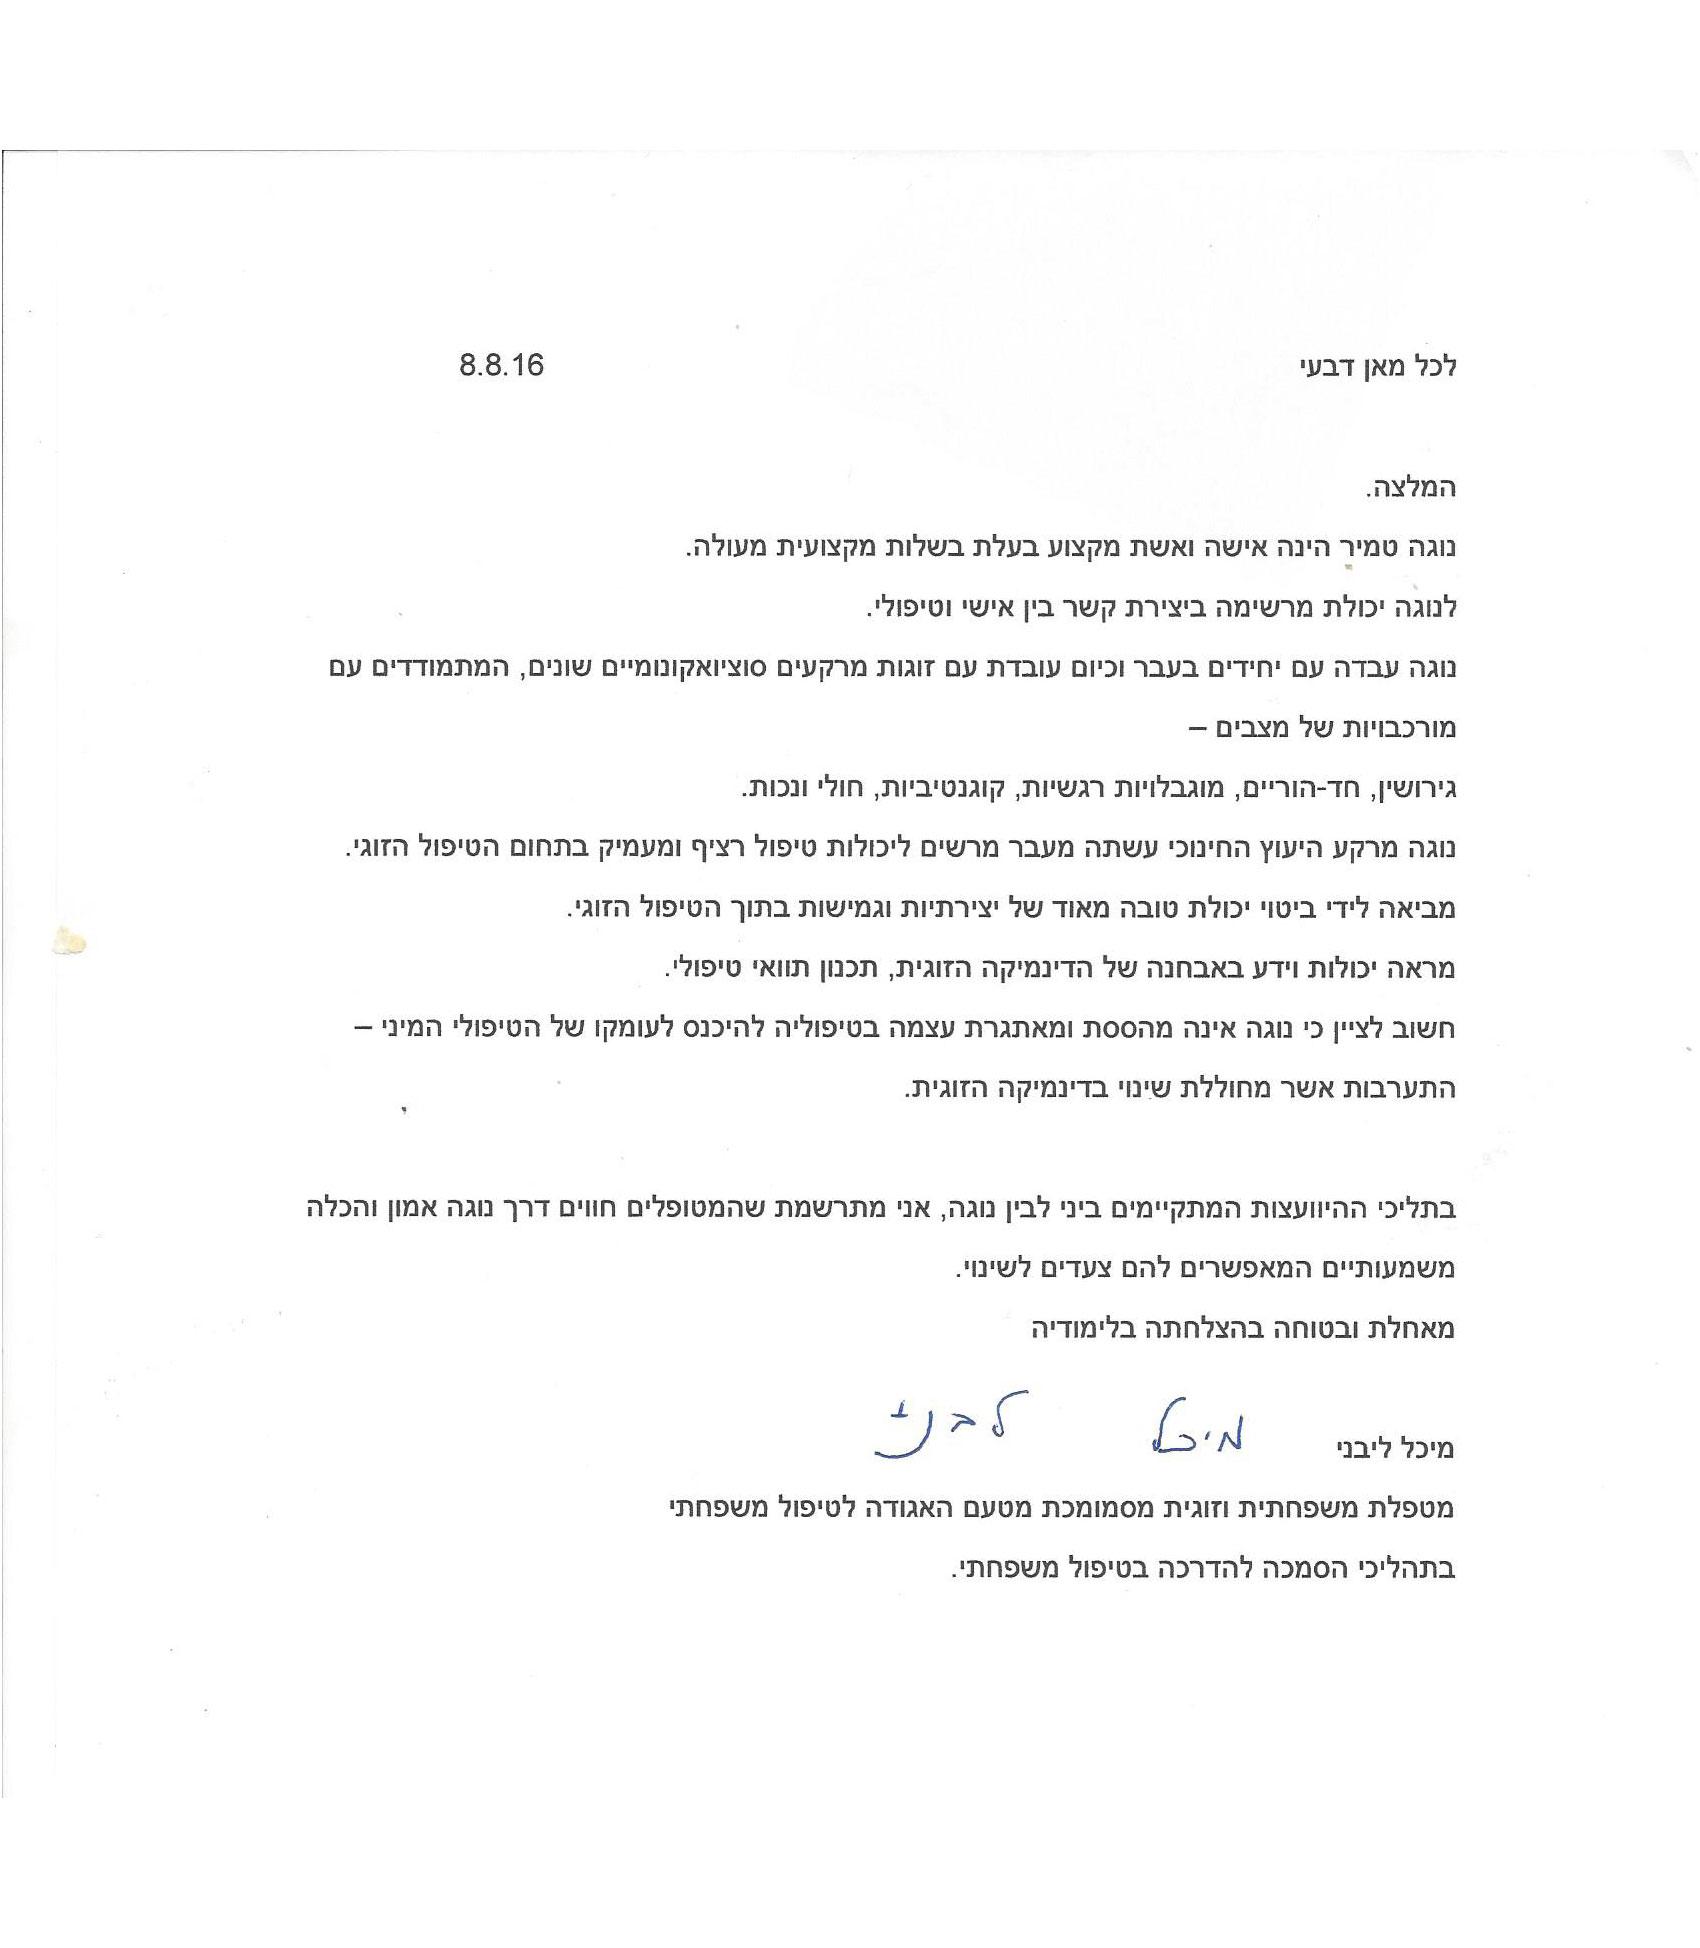 המלצה בכתב על נוגה טמיר מאת מיכל ליבני